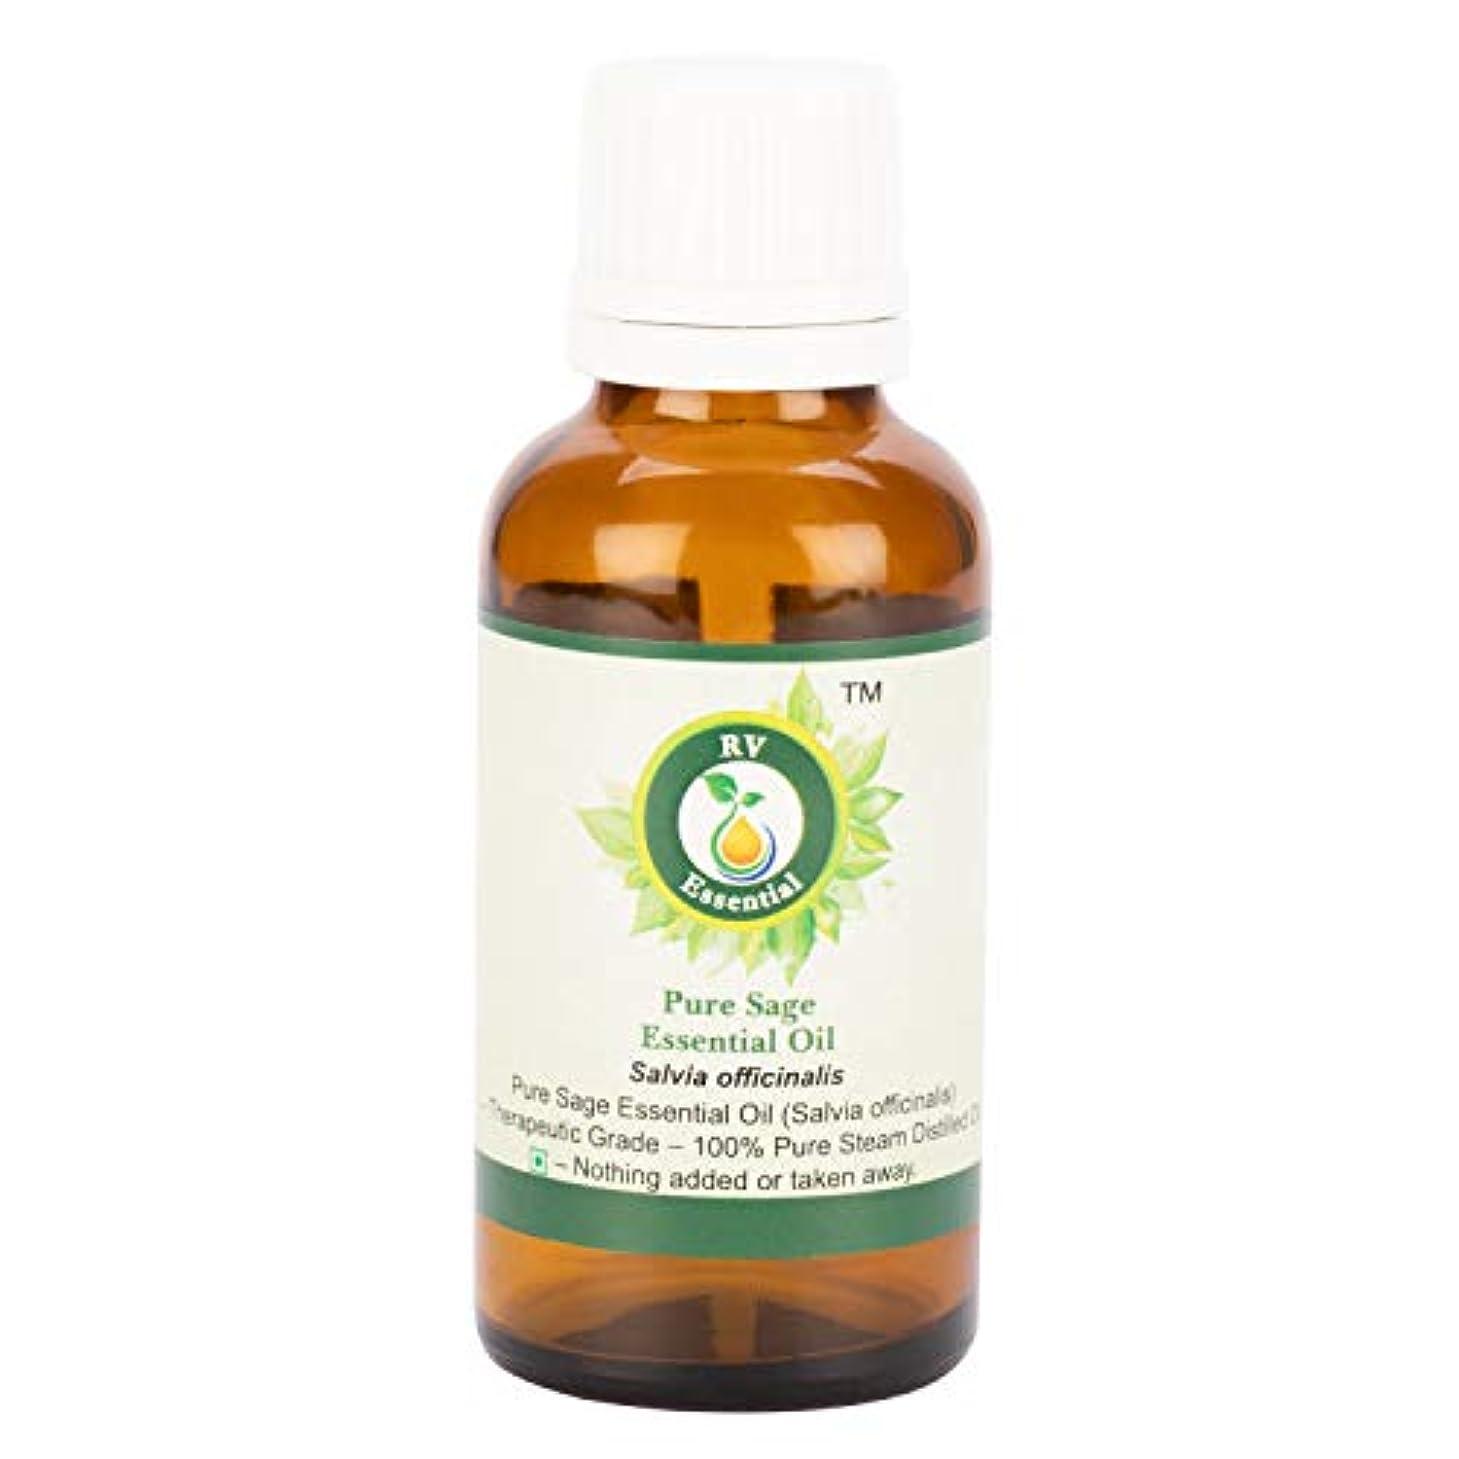 ストレンジャー共産主義入り口ピュアセージエッセンシャルオイル100ml (3.38oz)- Salvia Officinalis (100%純粋&天然スチームDistilled) Pure Sage Essential Oil